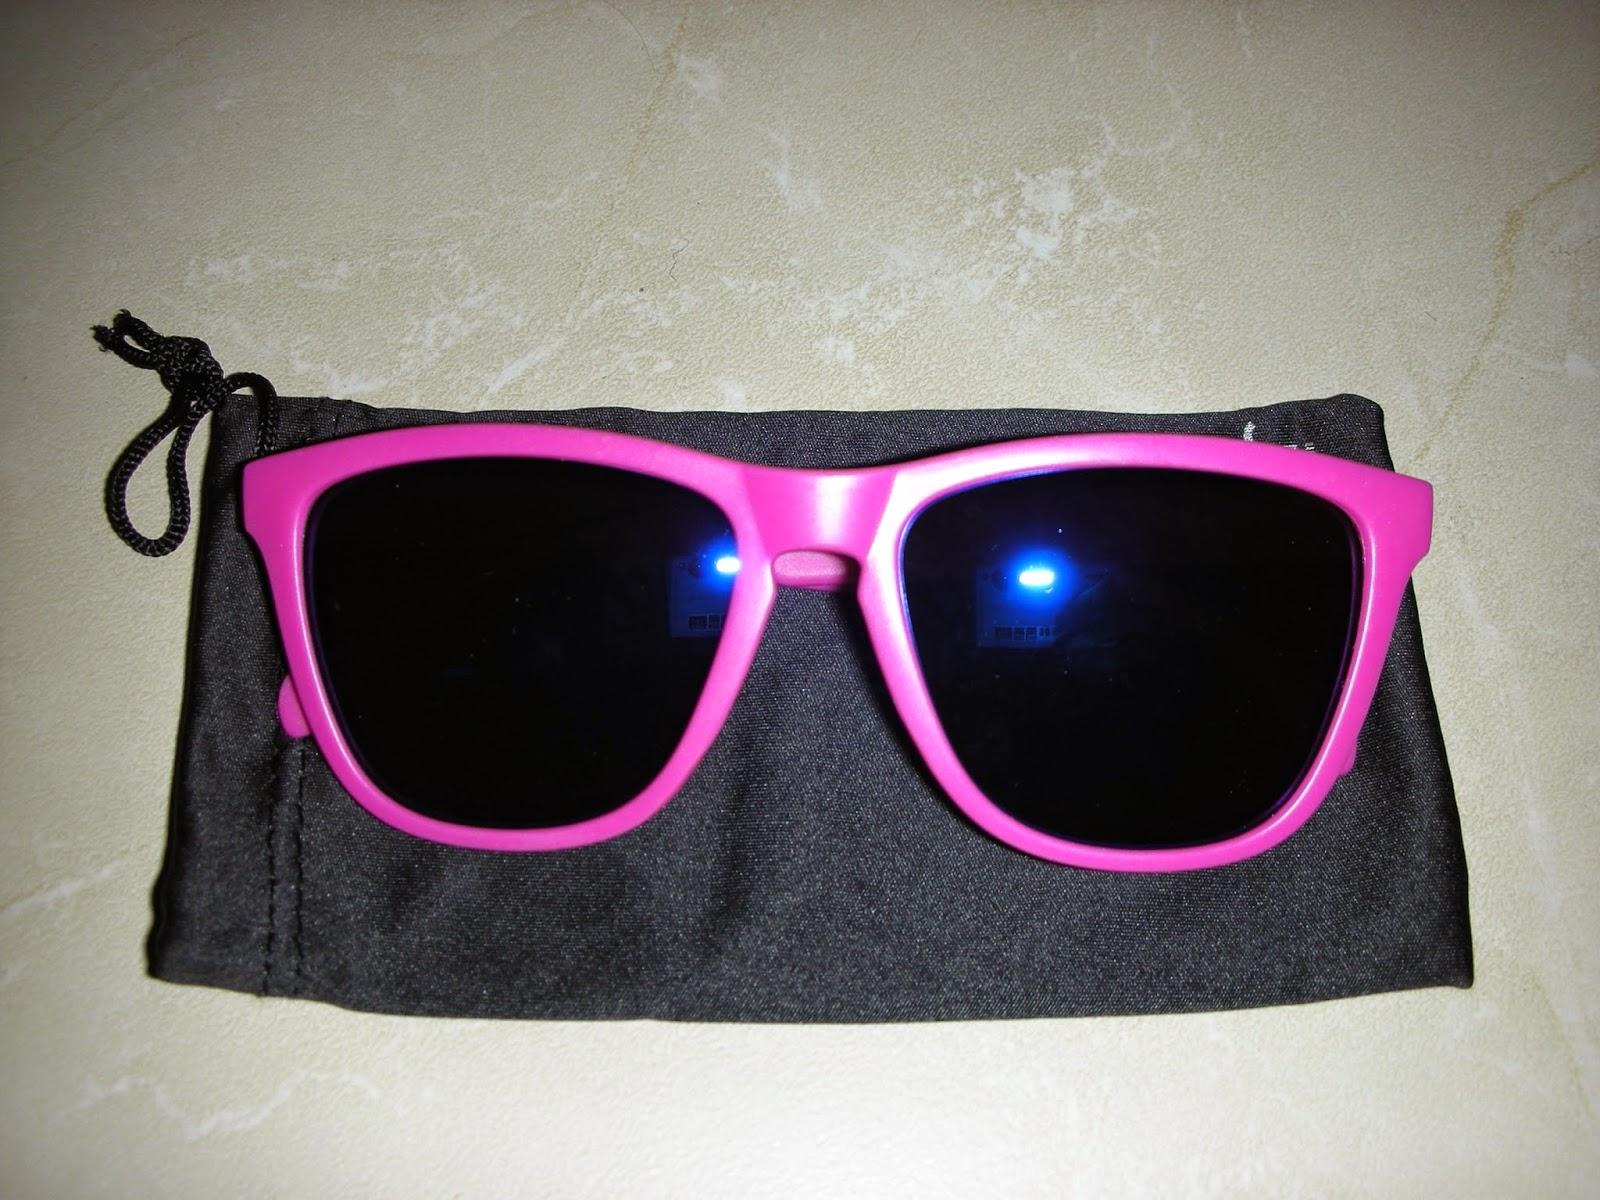 oakley sunglasses discount 1vw1  Explore Bill Freeburg's board